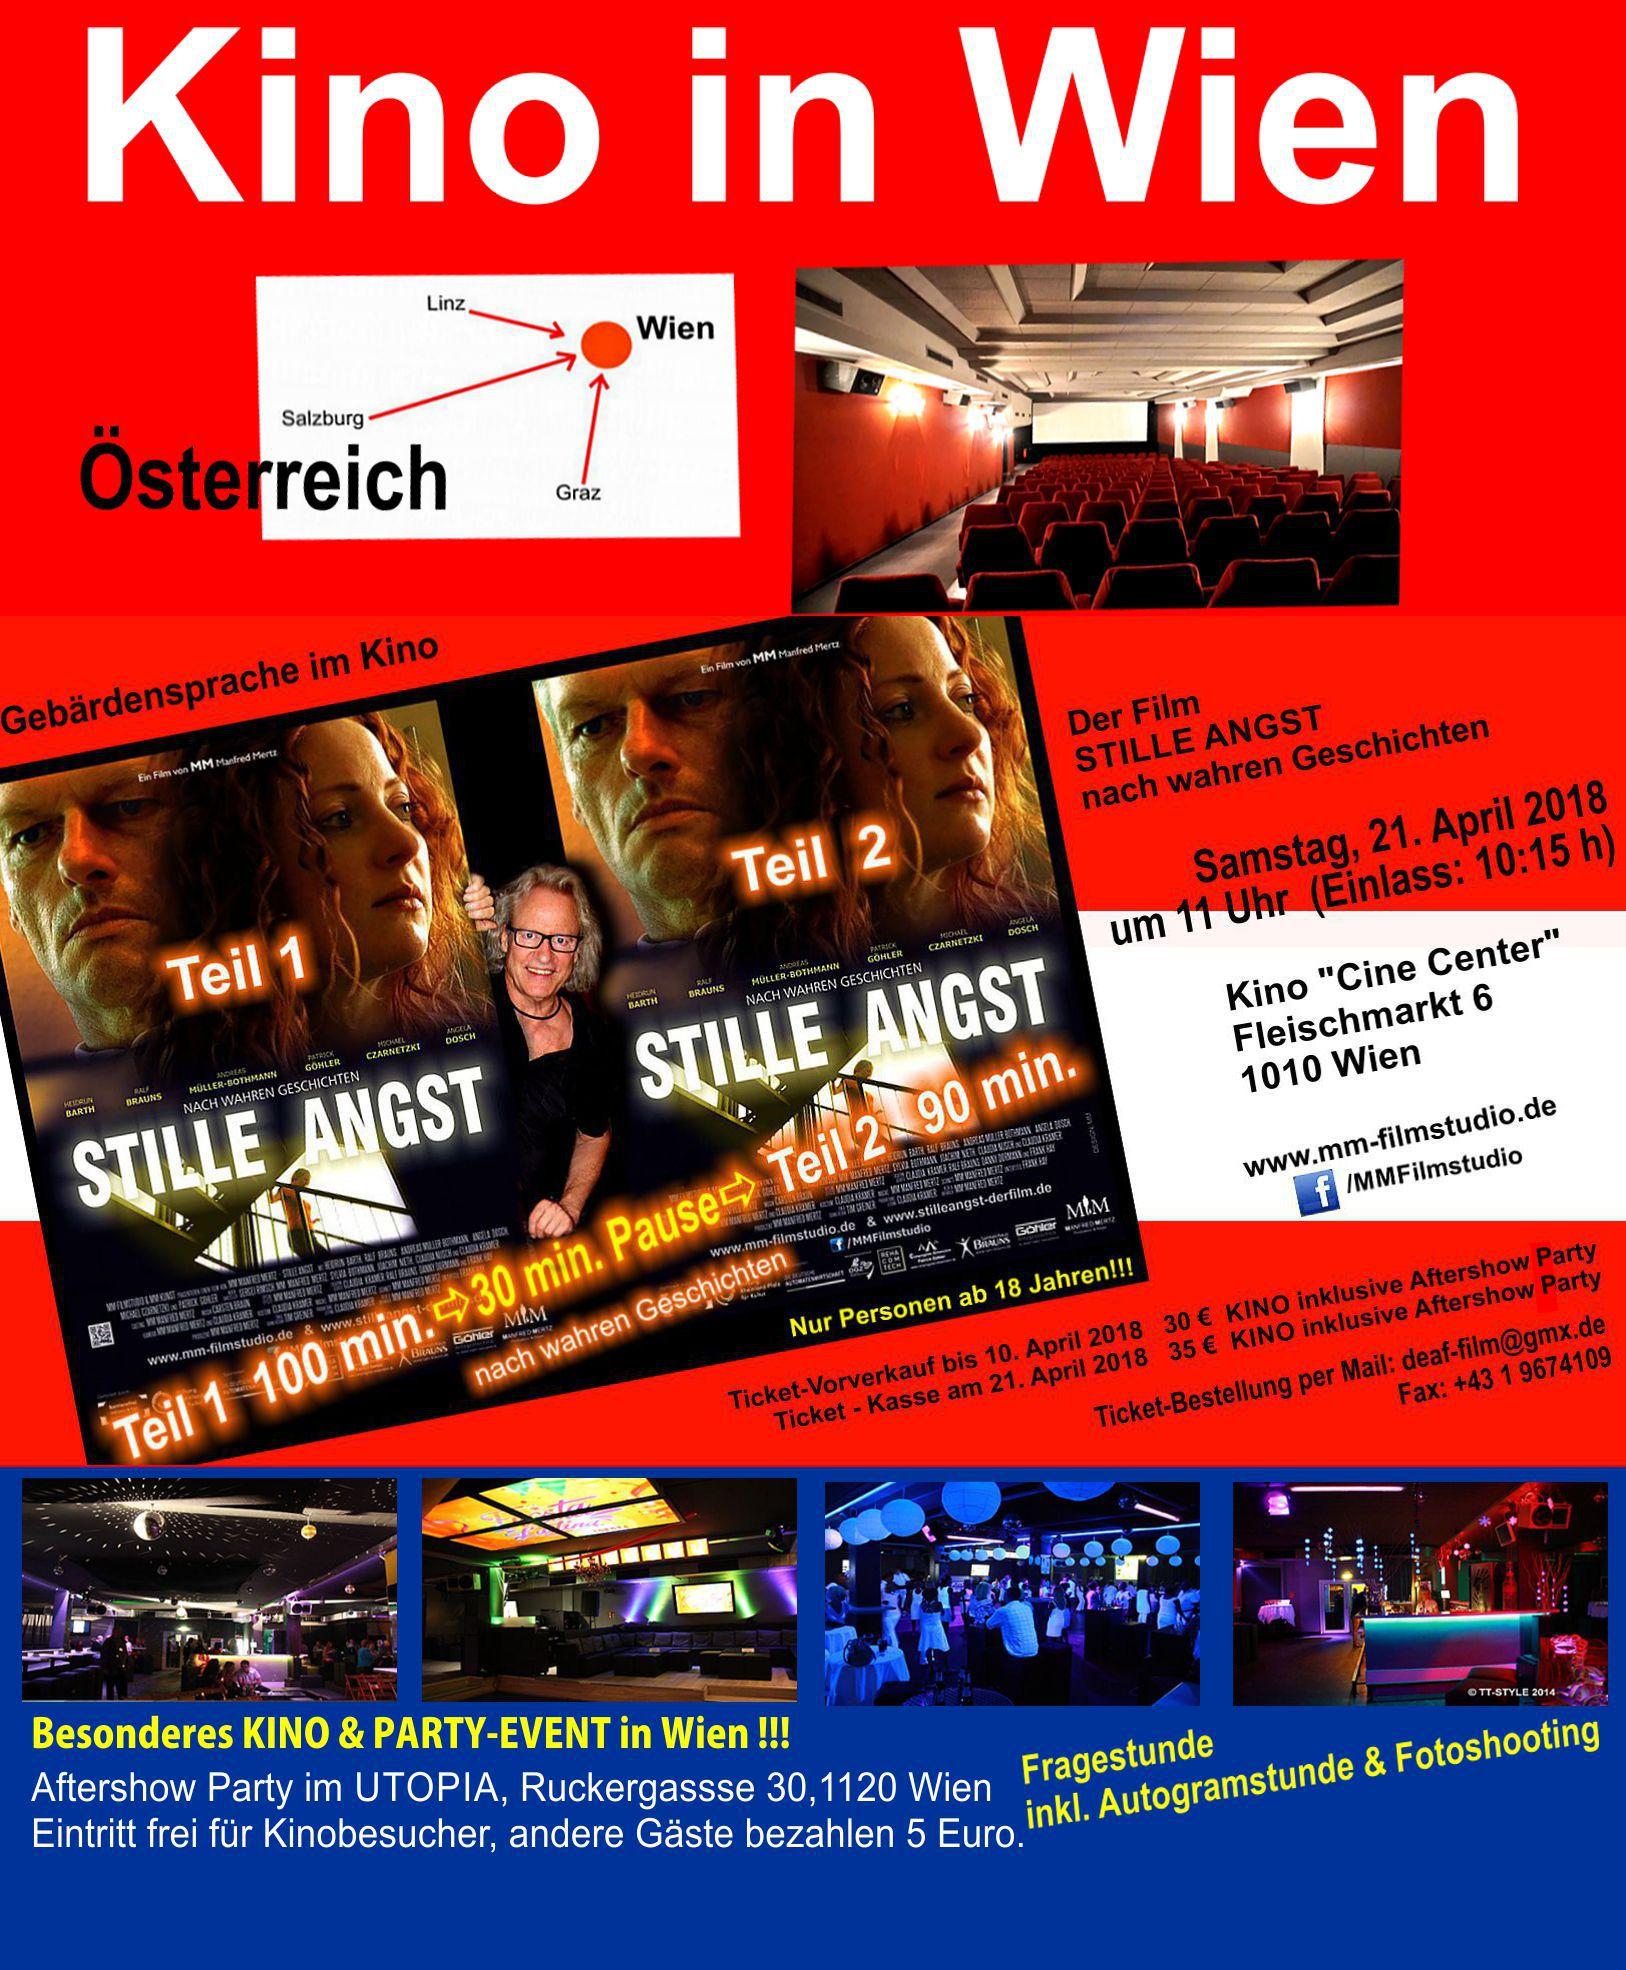 STILLE ANGST MM Film Gebardensprache Im Kino Deaf In WIEN Am 21 April 2018